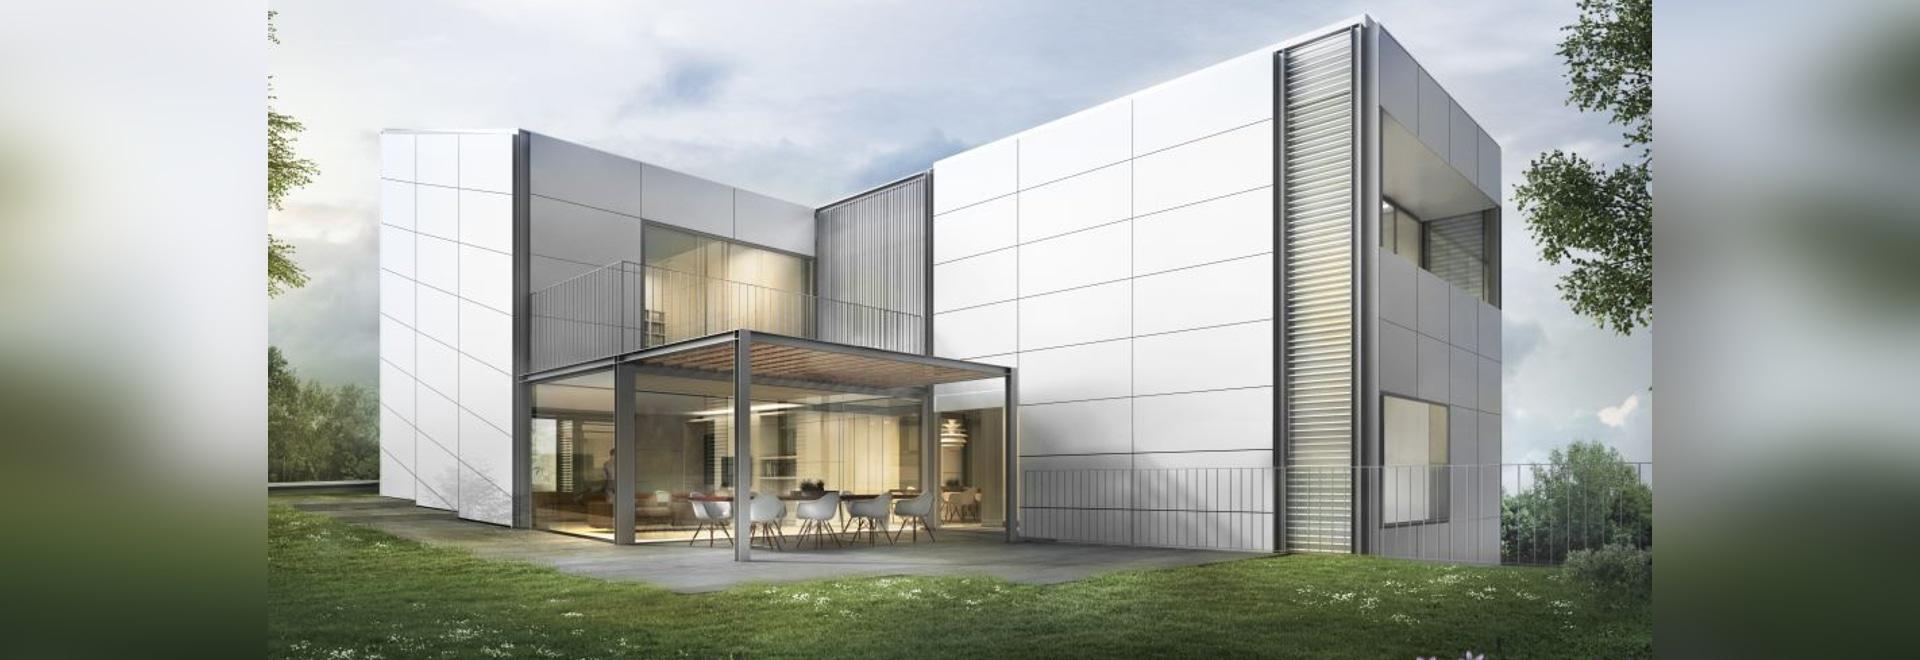 Projets des maisons isolées avec les façades aérées